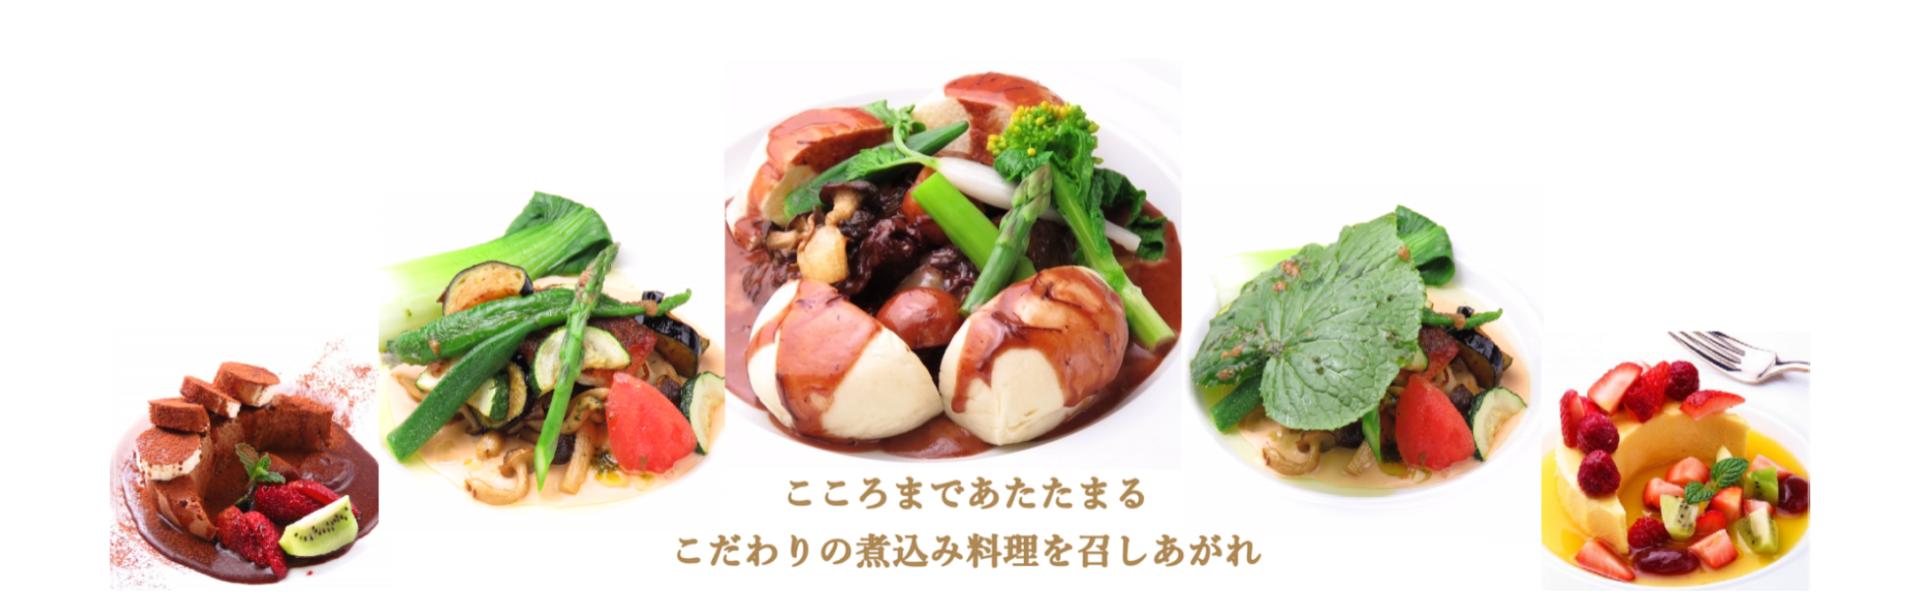 四谷 四ツ谷 シチュー レストラン 煮込み料理 魚料理 デザート カクテル old way stew restaurant